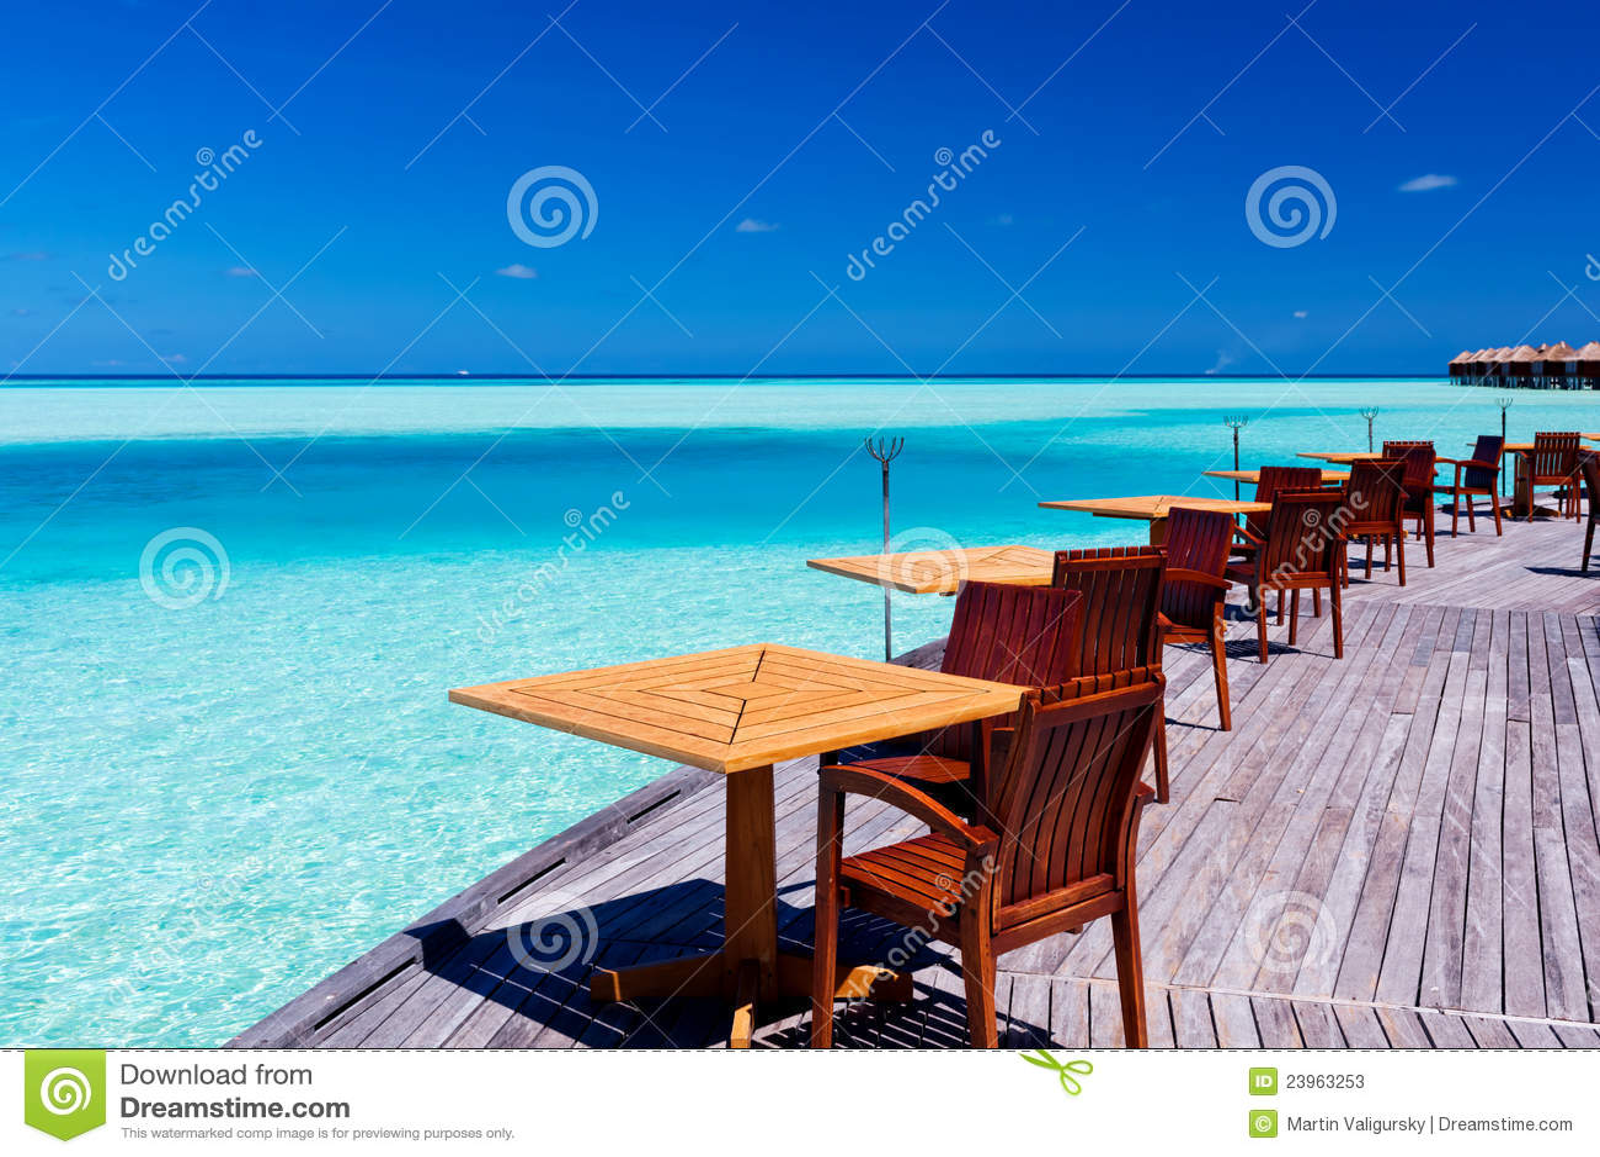 Lijsten en stoelen bij tropisch strandrestaurant